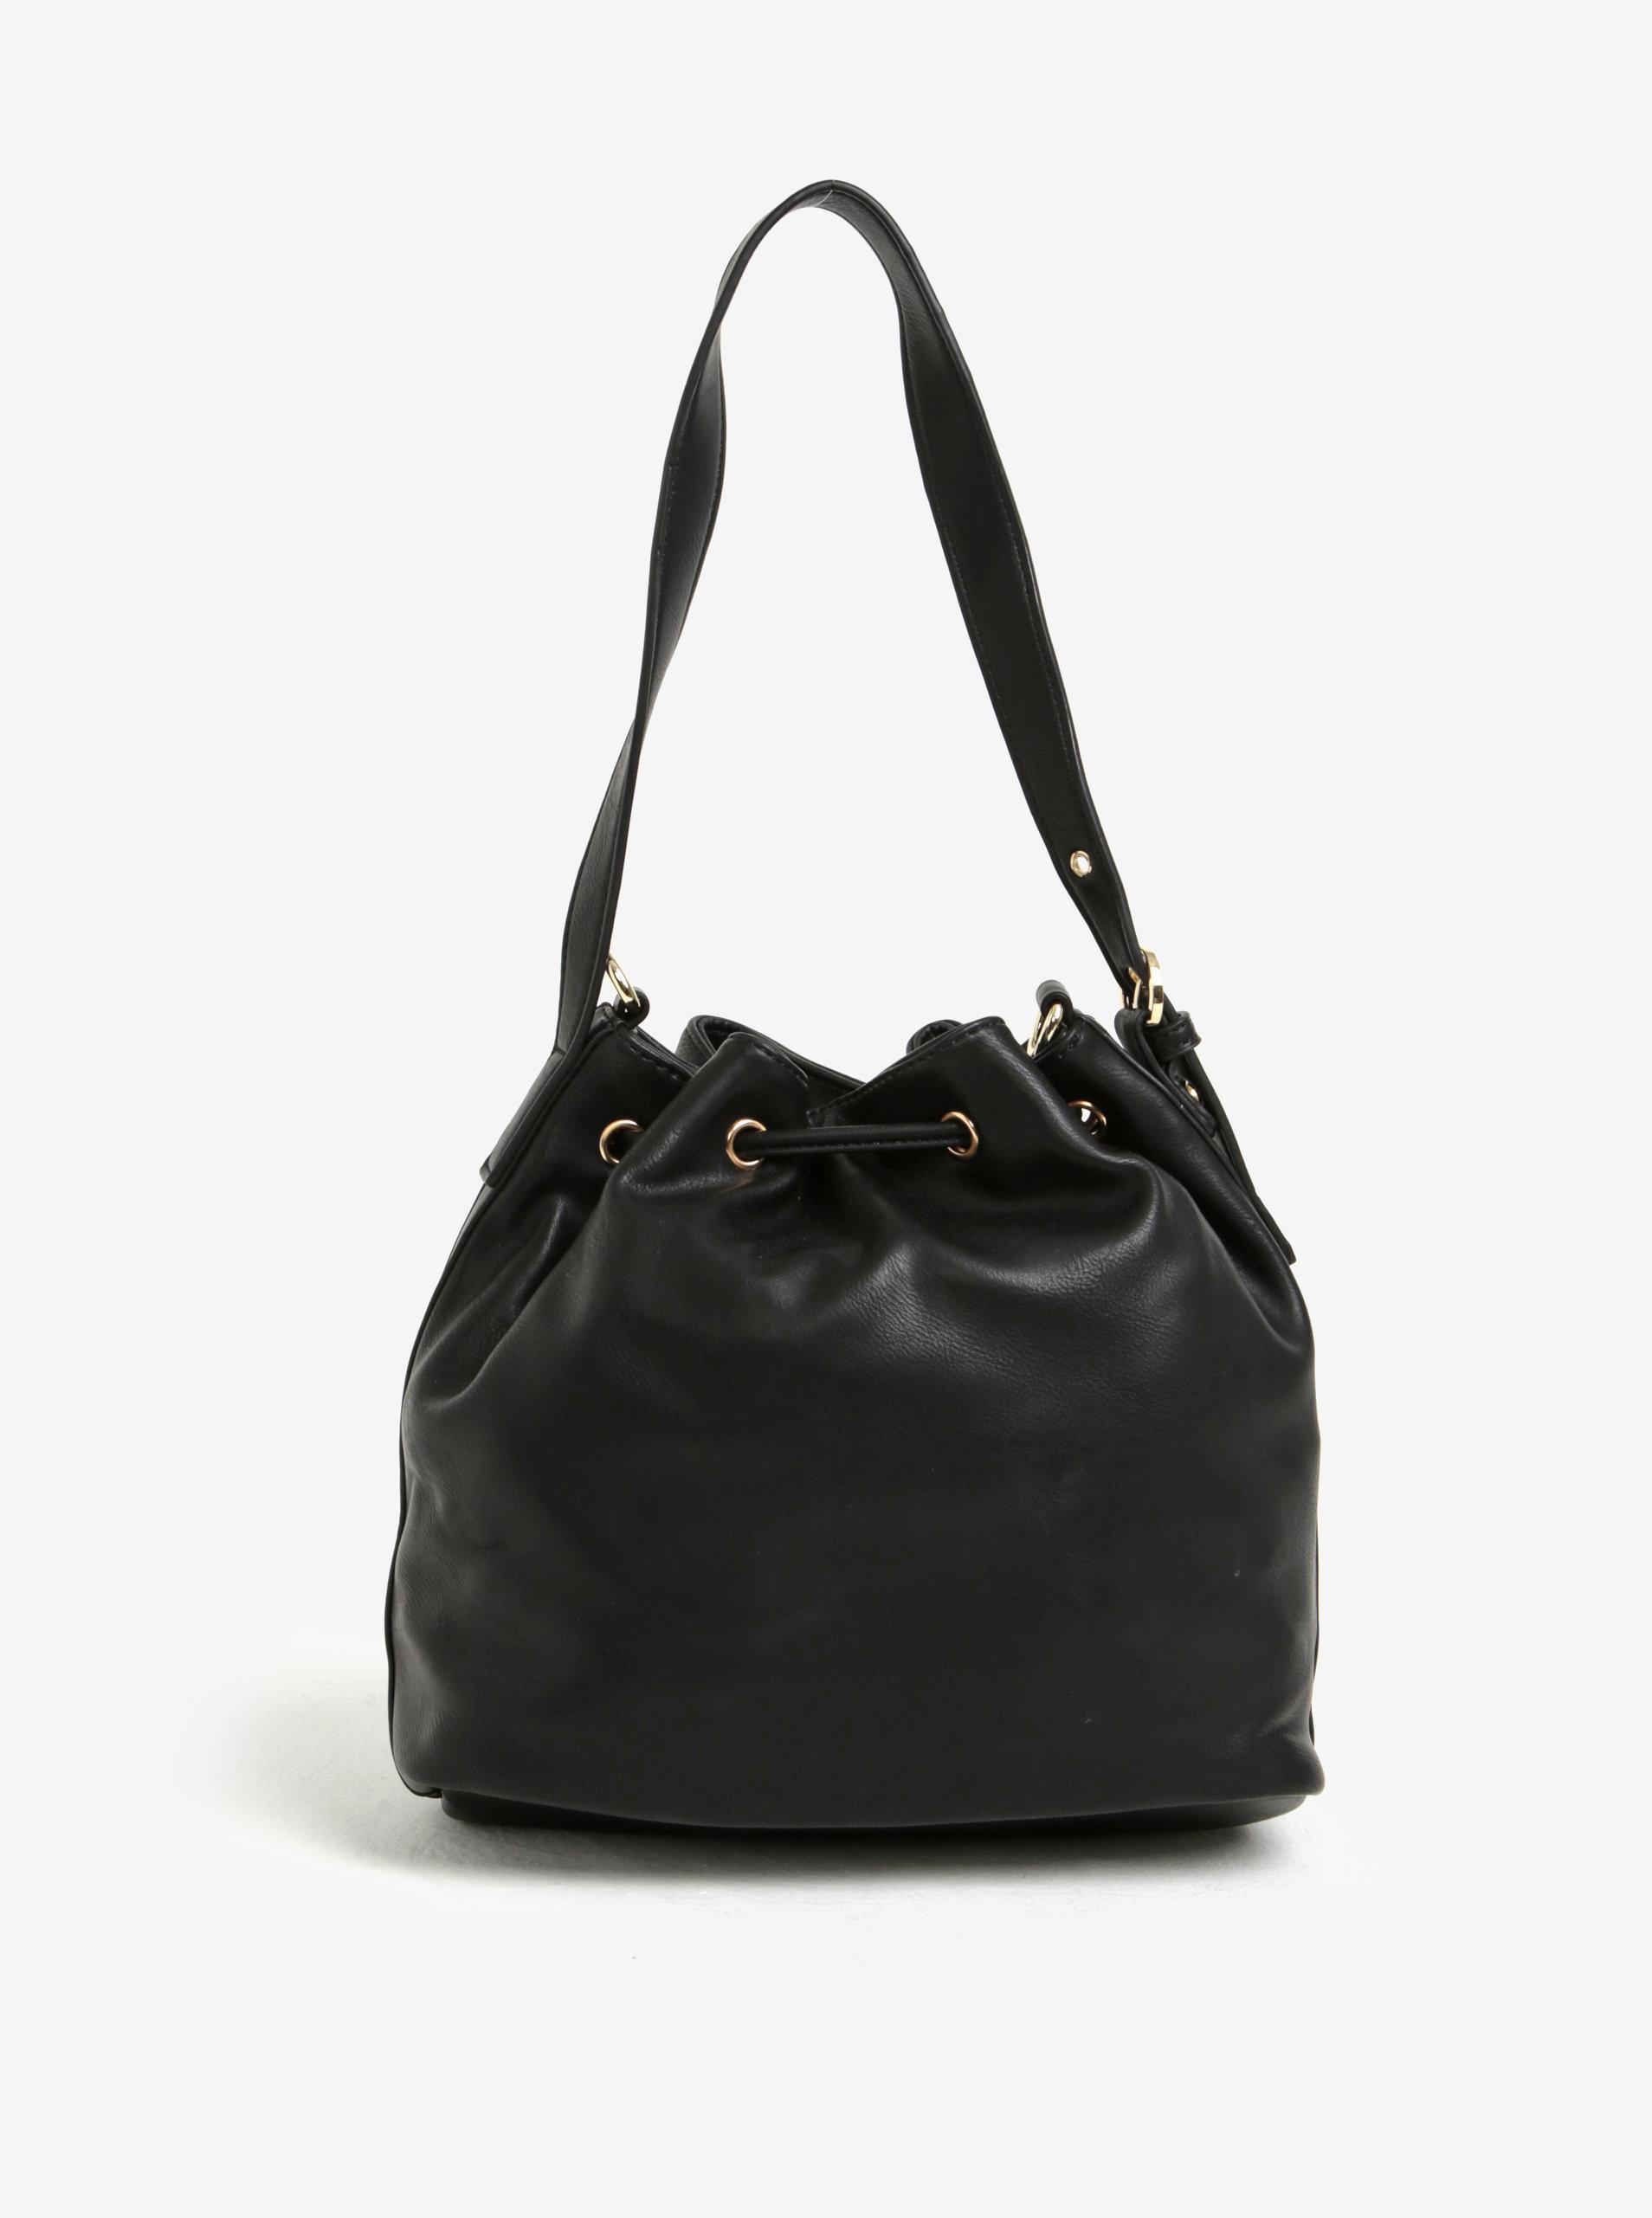 Čierna vaková kabelka s detailmi v zlatej farbe Bessie London ... b104b8ce6b2